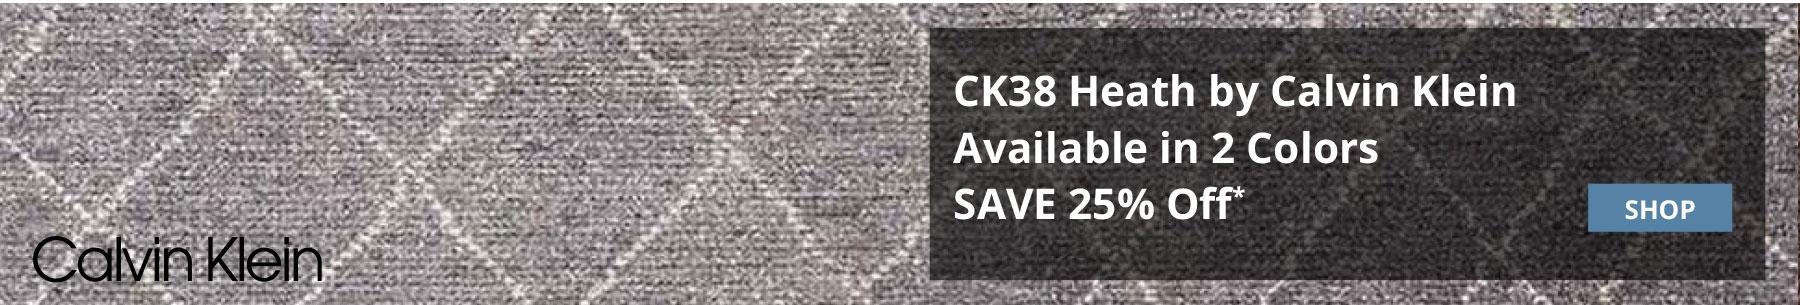 Calvin Klein CK38 Heath